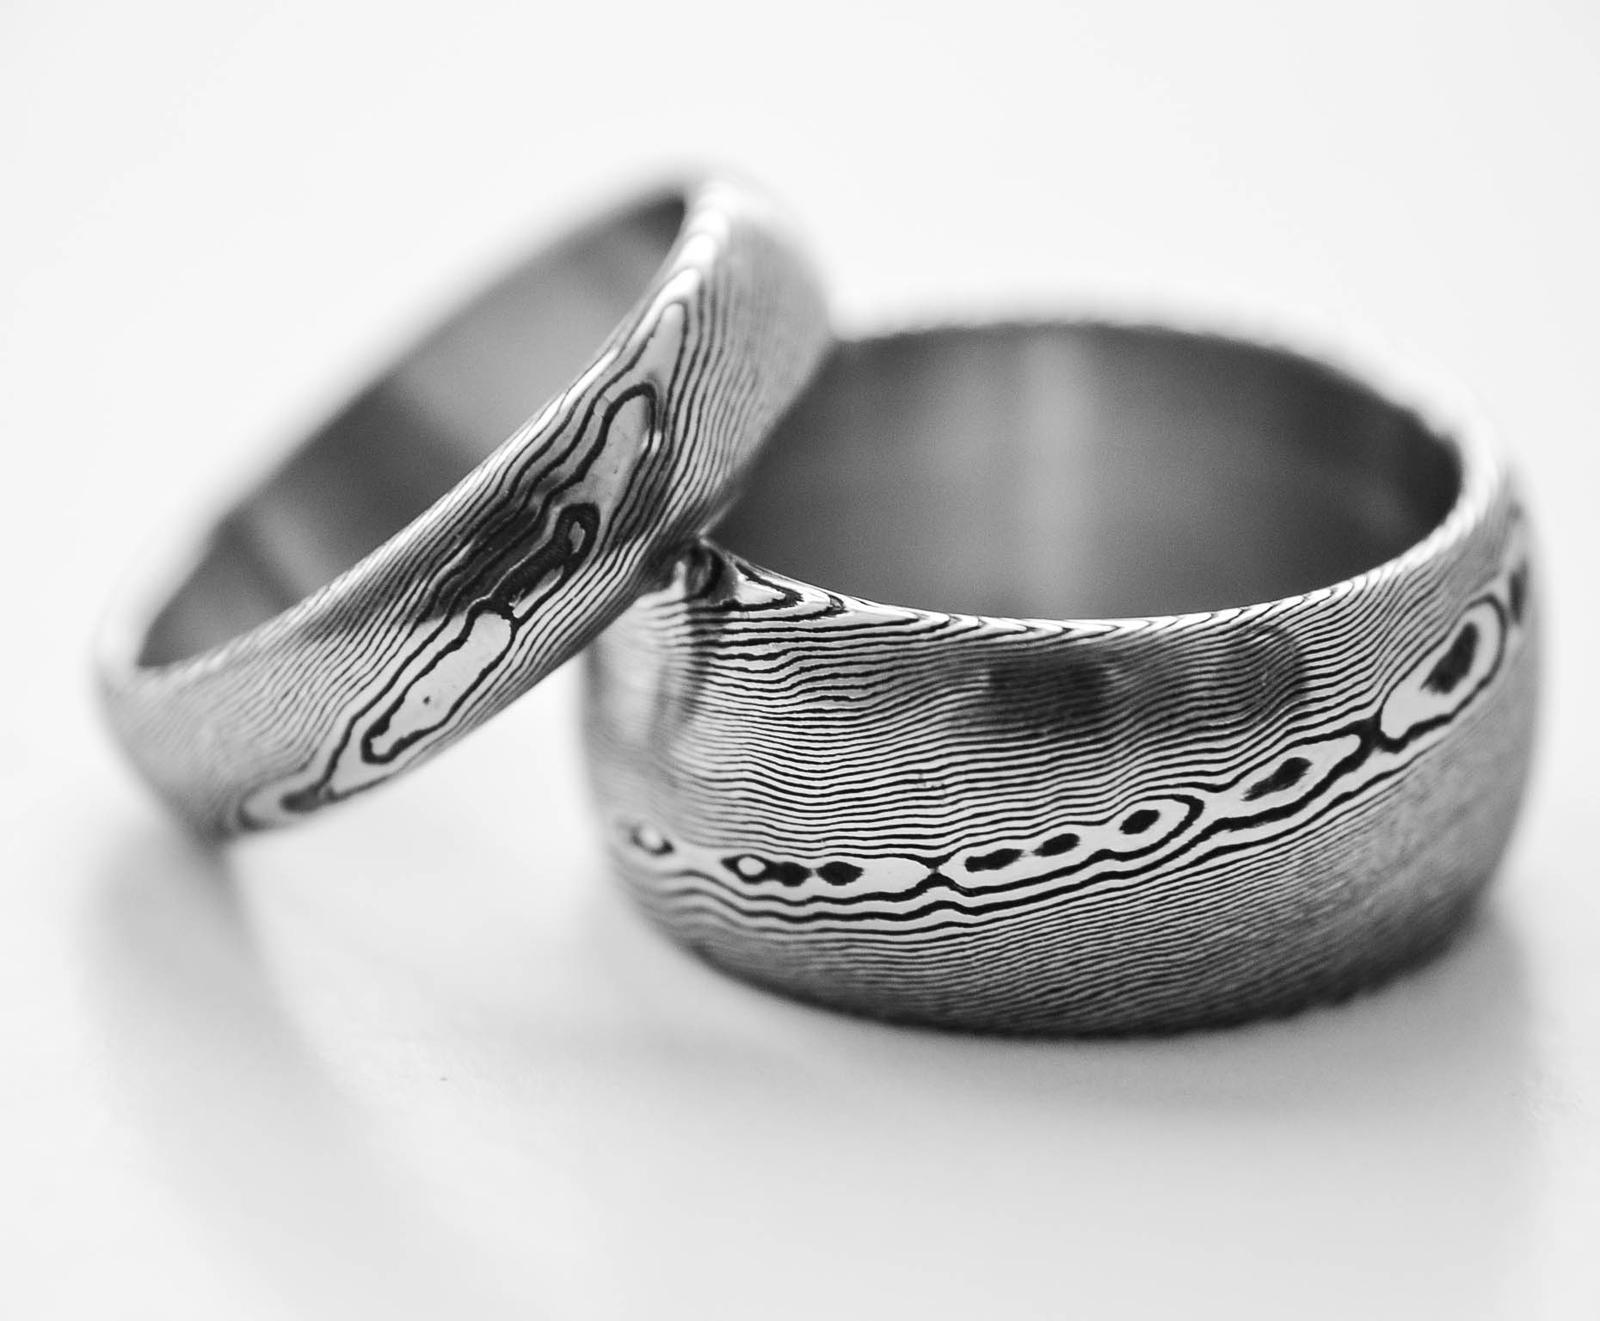 Snubni Prsteny Z Chirurgicke Oceli V Plzni Sv